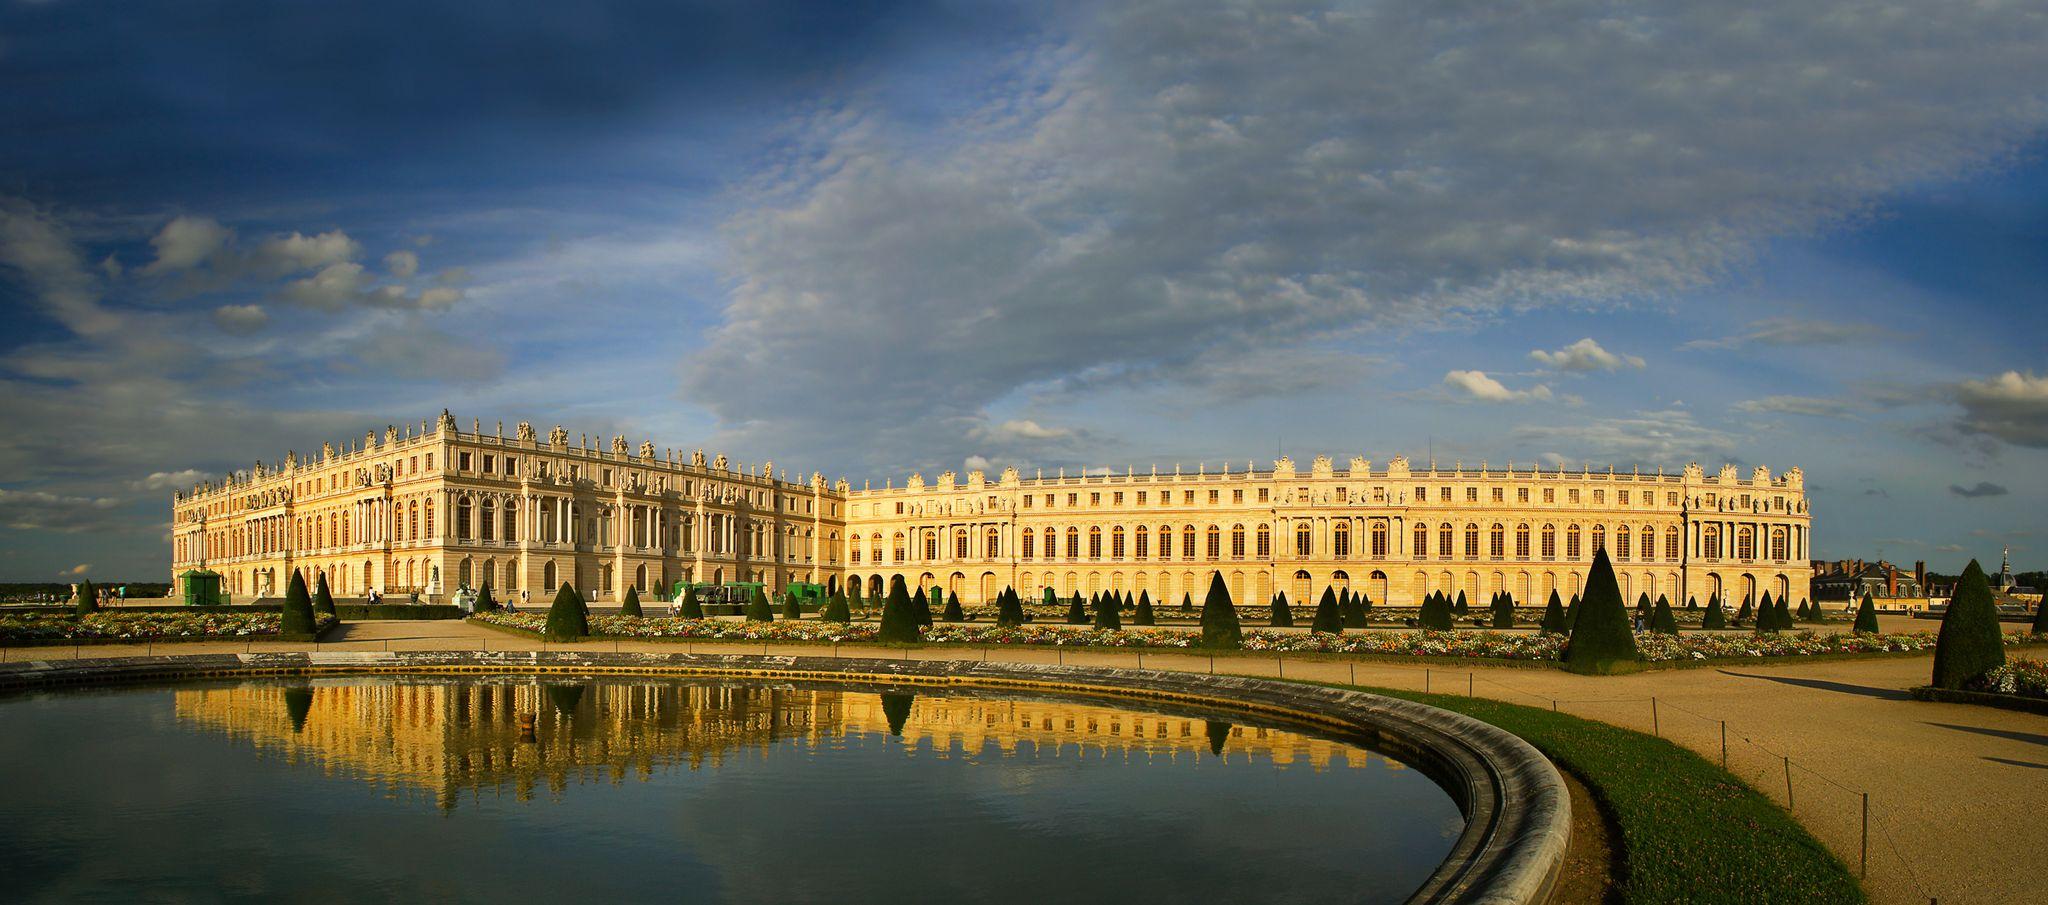 Ανάκτορο των Βερσαλλιών (Château de Versailles) - Παρίσι | TopTraveller